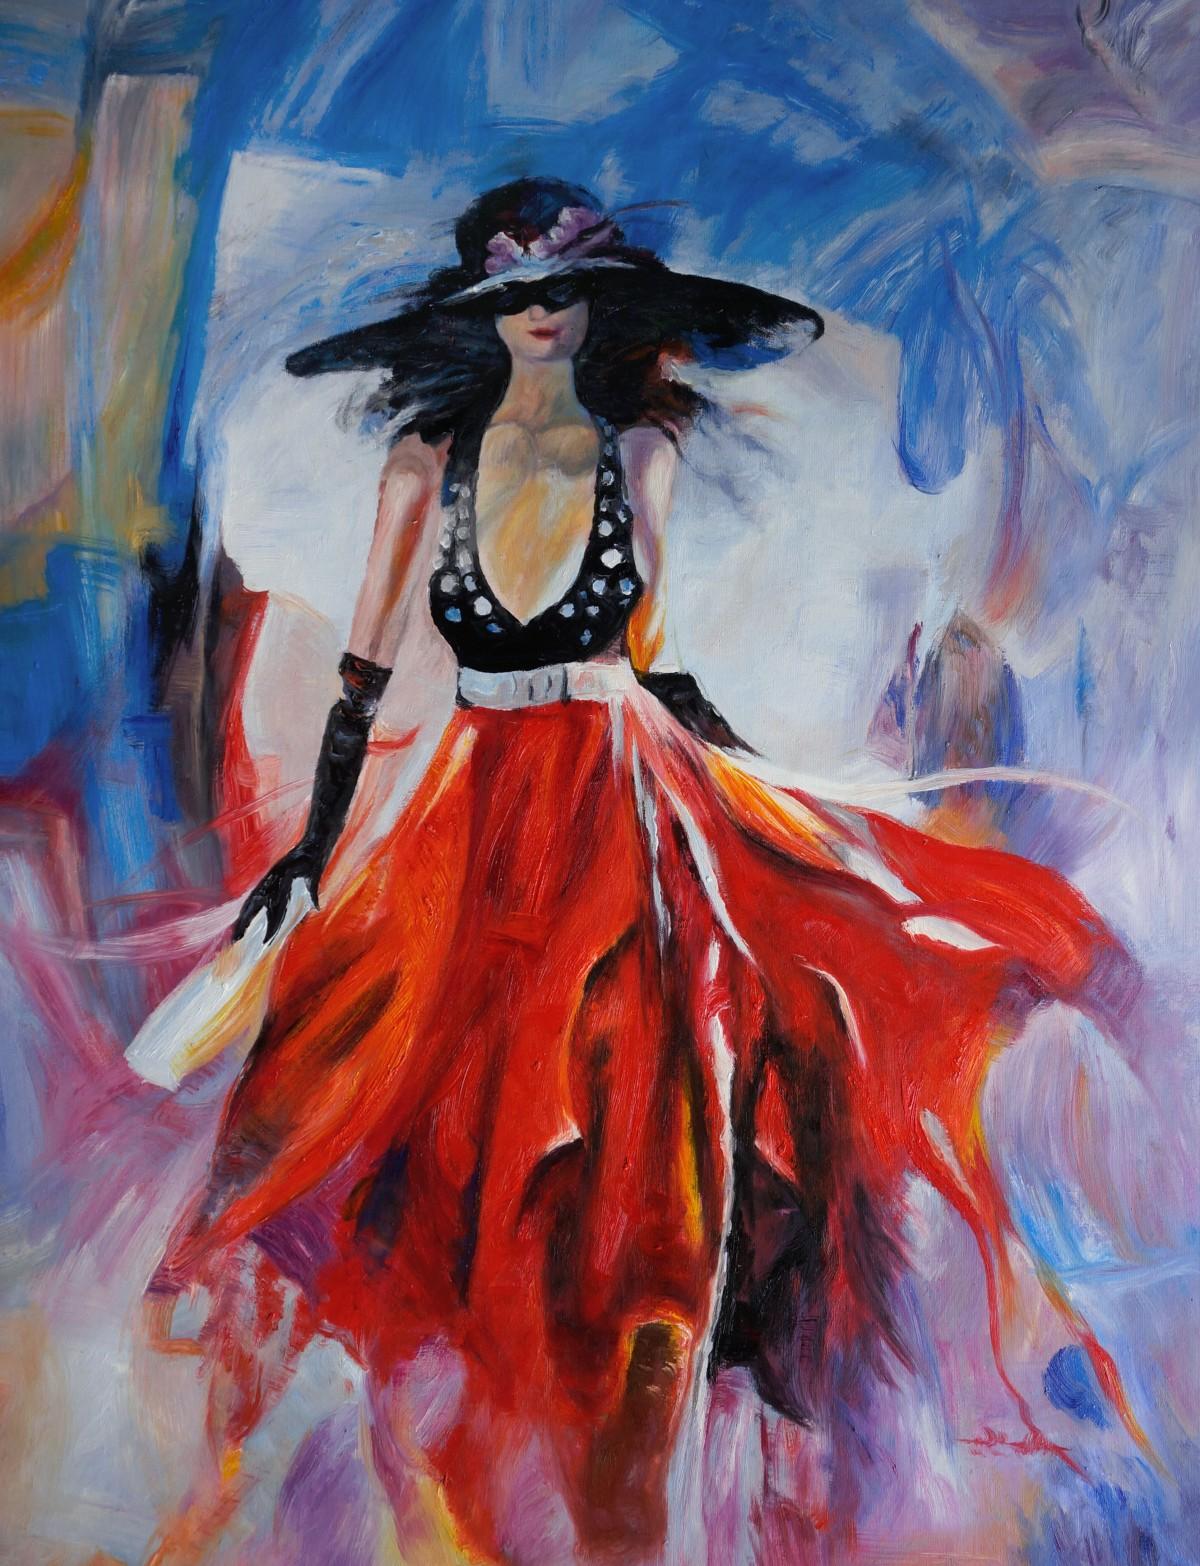 Schilderij elegance te koop - Associatie van kleur e geen schilderij ...